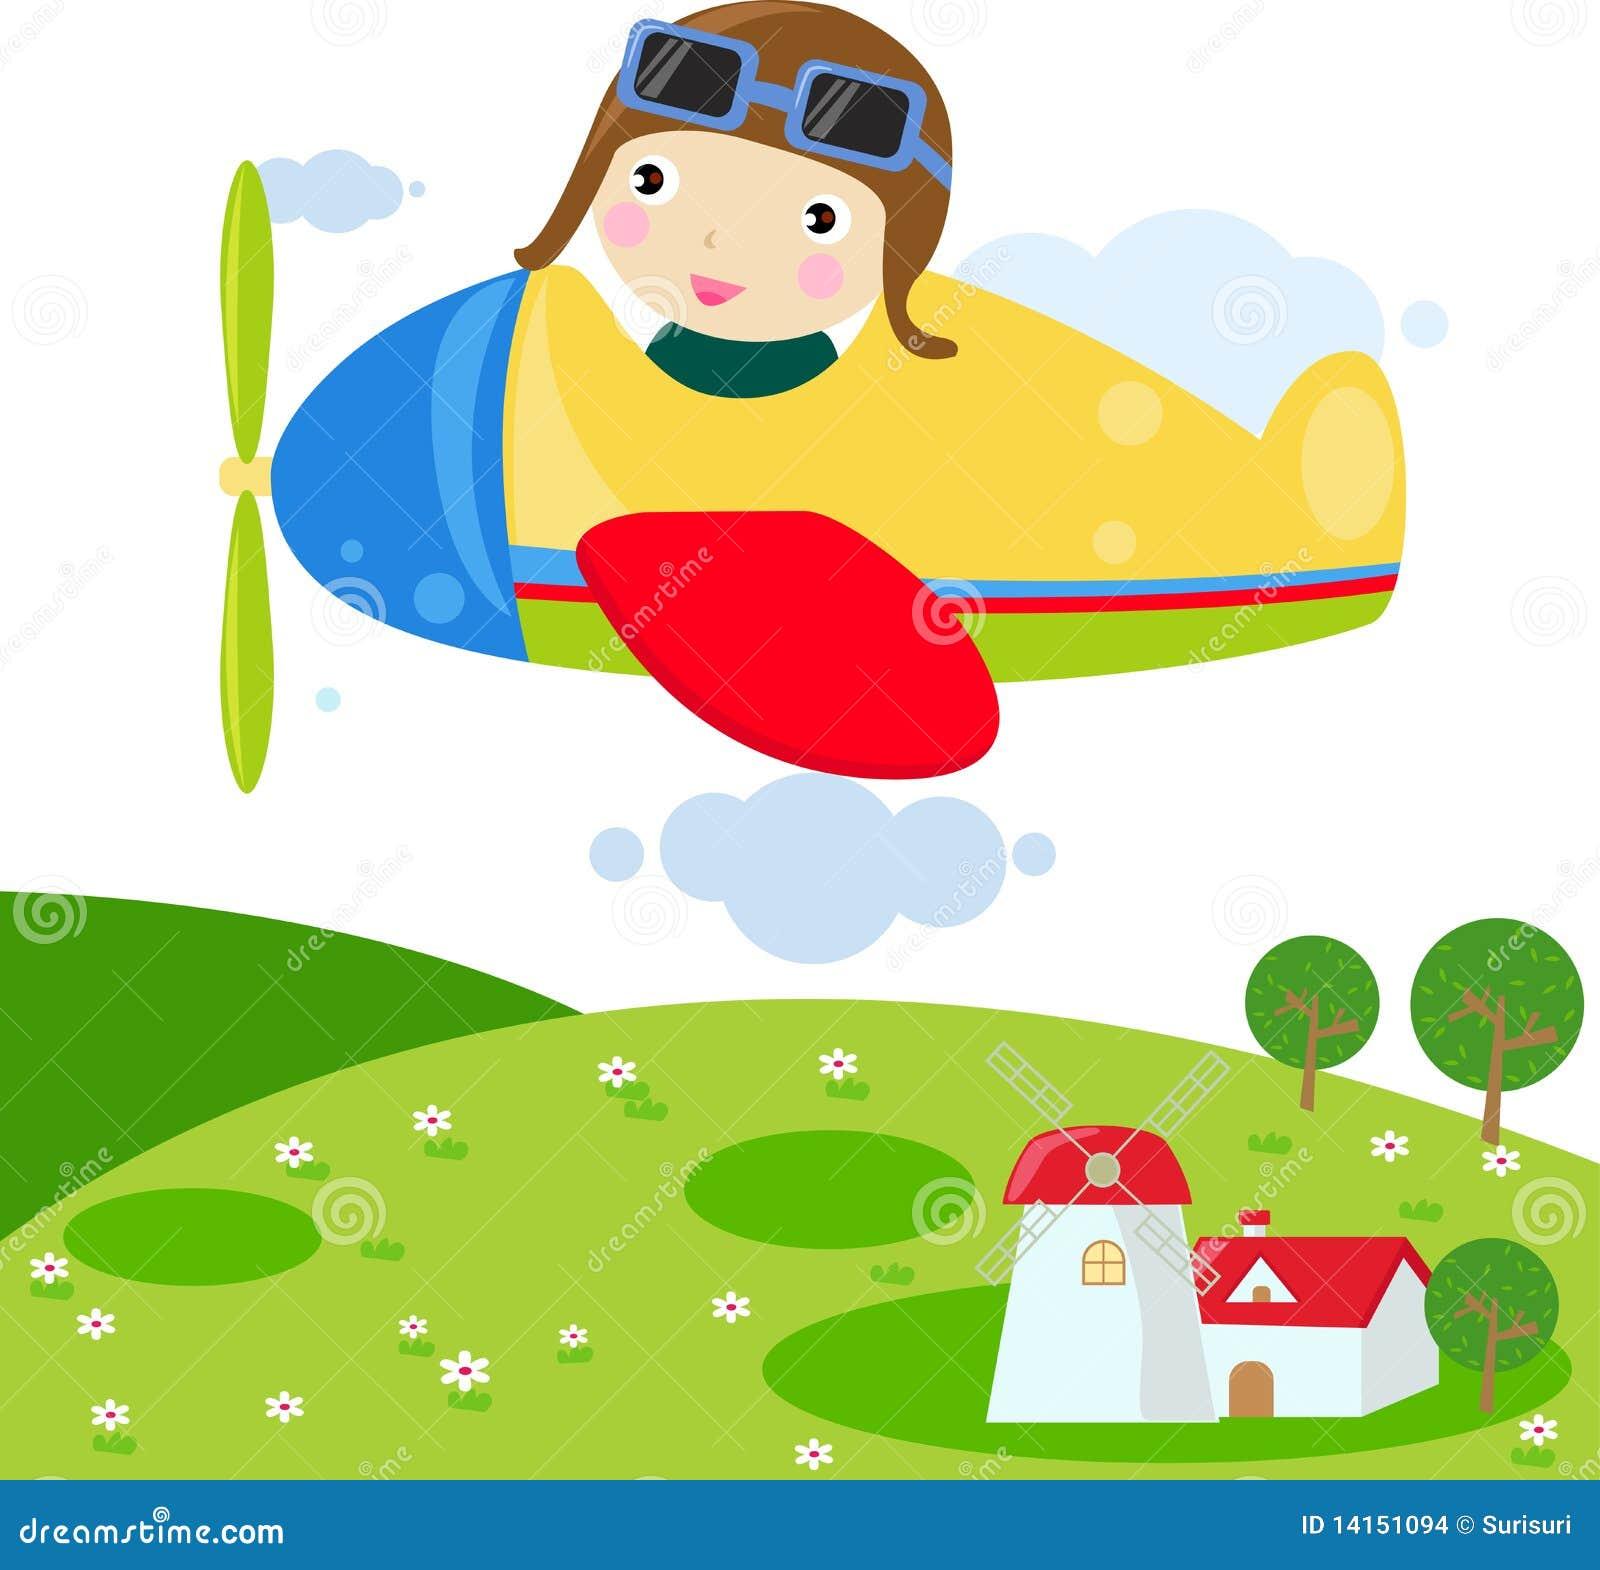 童机票票标准_儿童飞机